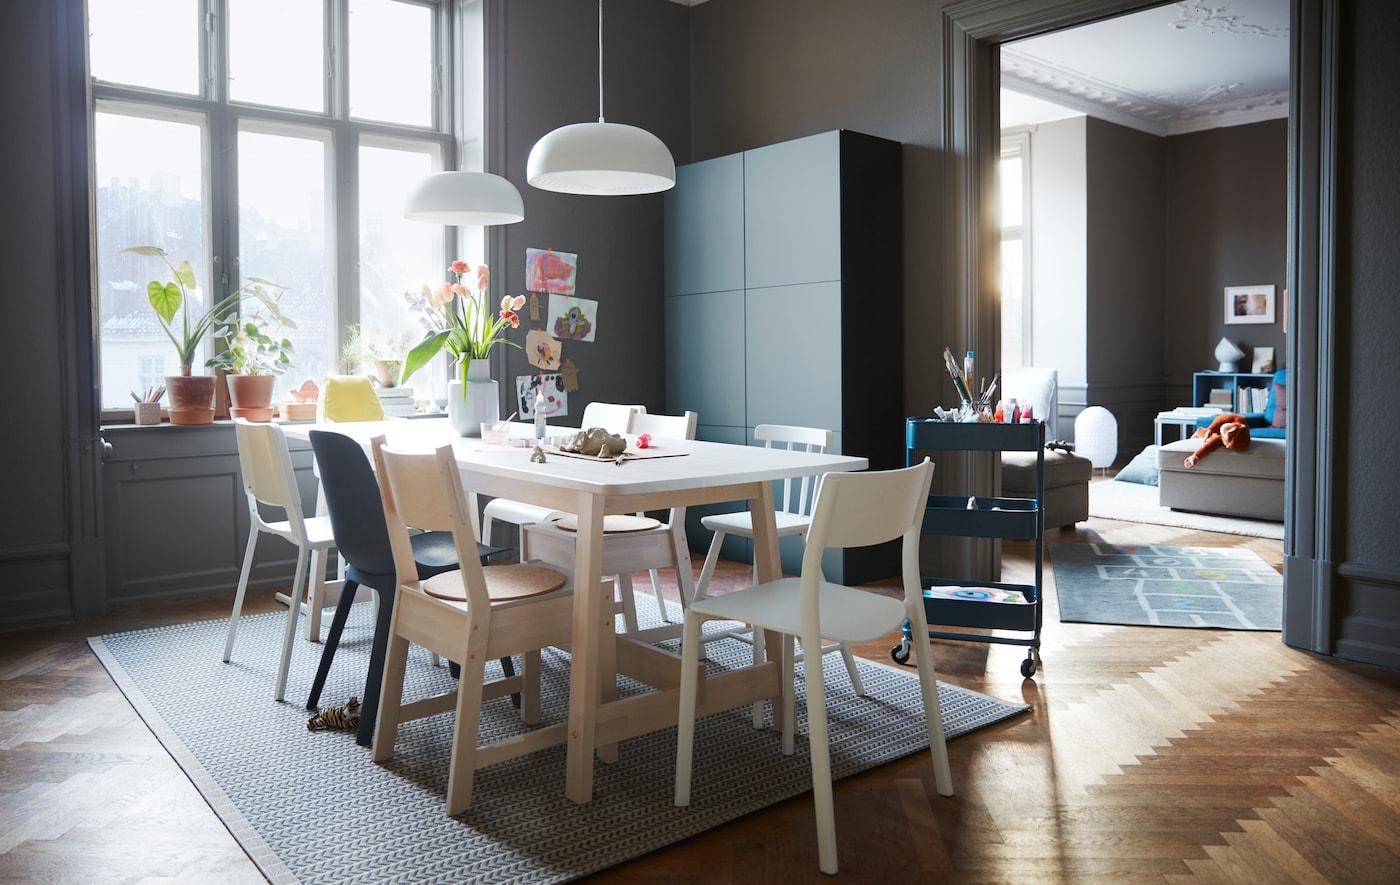 Du arbeitest in der Küche? Dann bewahre deine Sachen einfach in einem Schrank auf, z. B. in IKEA BESTÅ grau/türkis Aufbewahrungskombination mit sechs Türen!